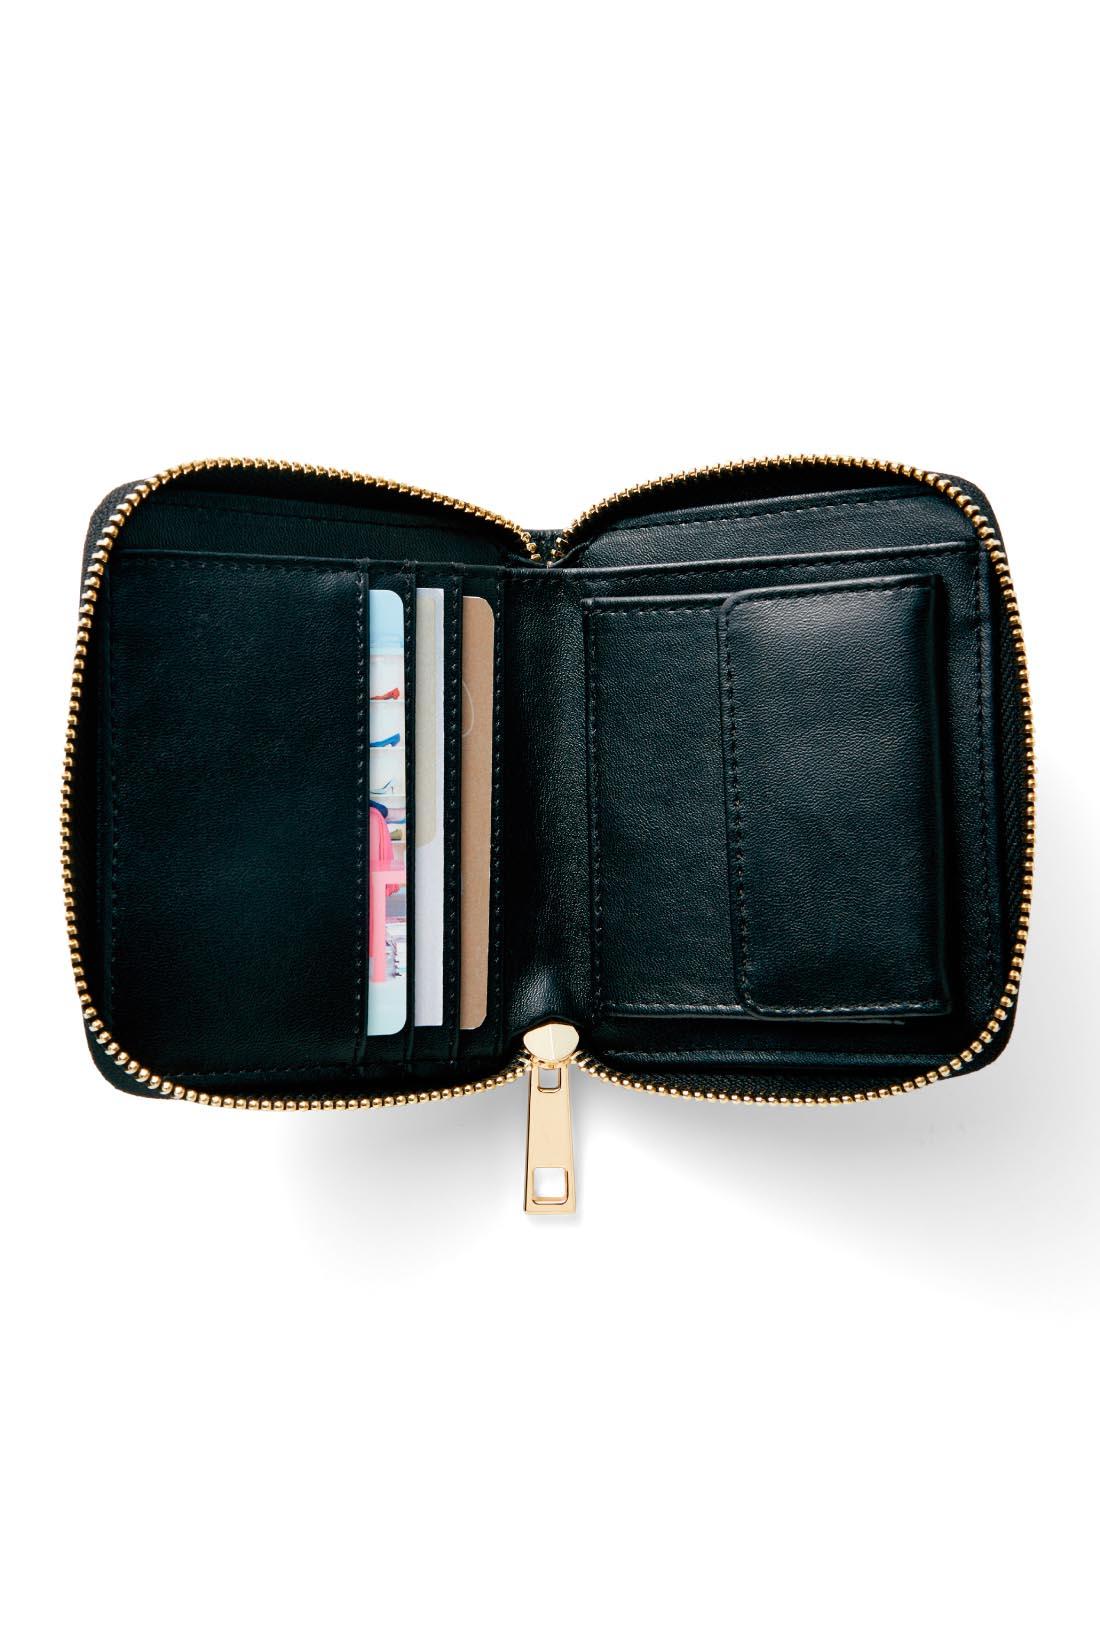 隠れた主役は多機能財布 同素材であつらえたポシェット専属ウォレット。お札にコイン、カードも4枚入る機能派。